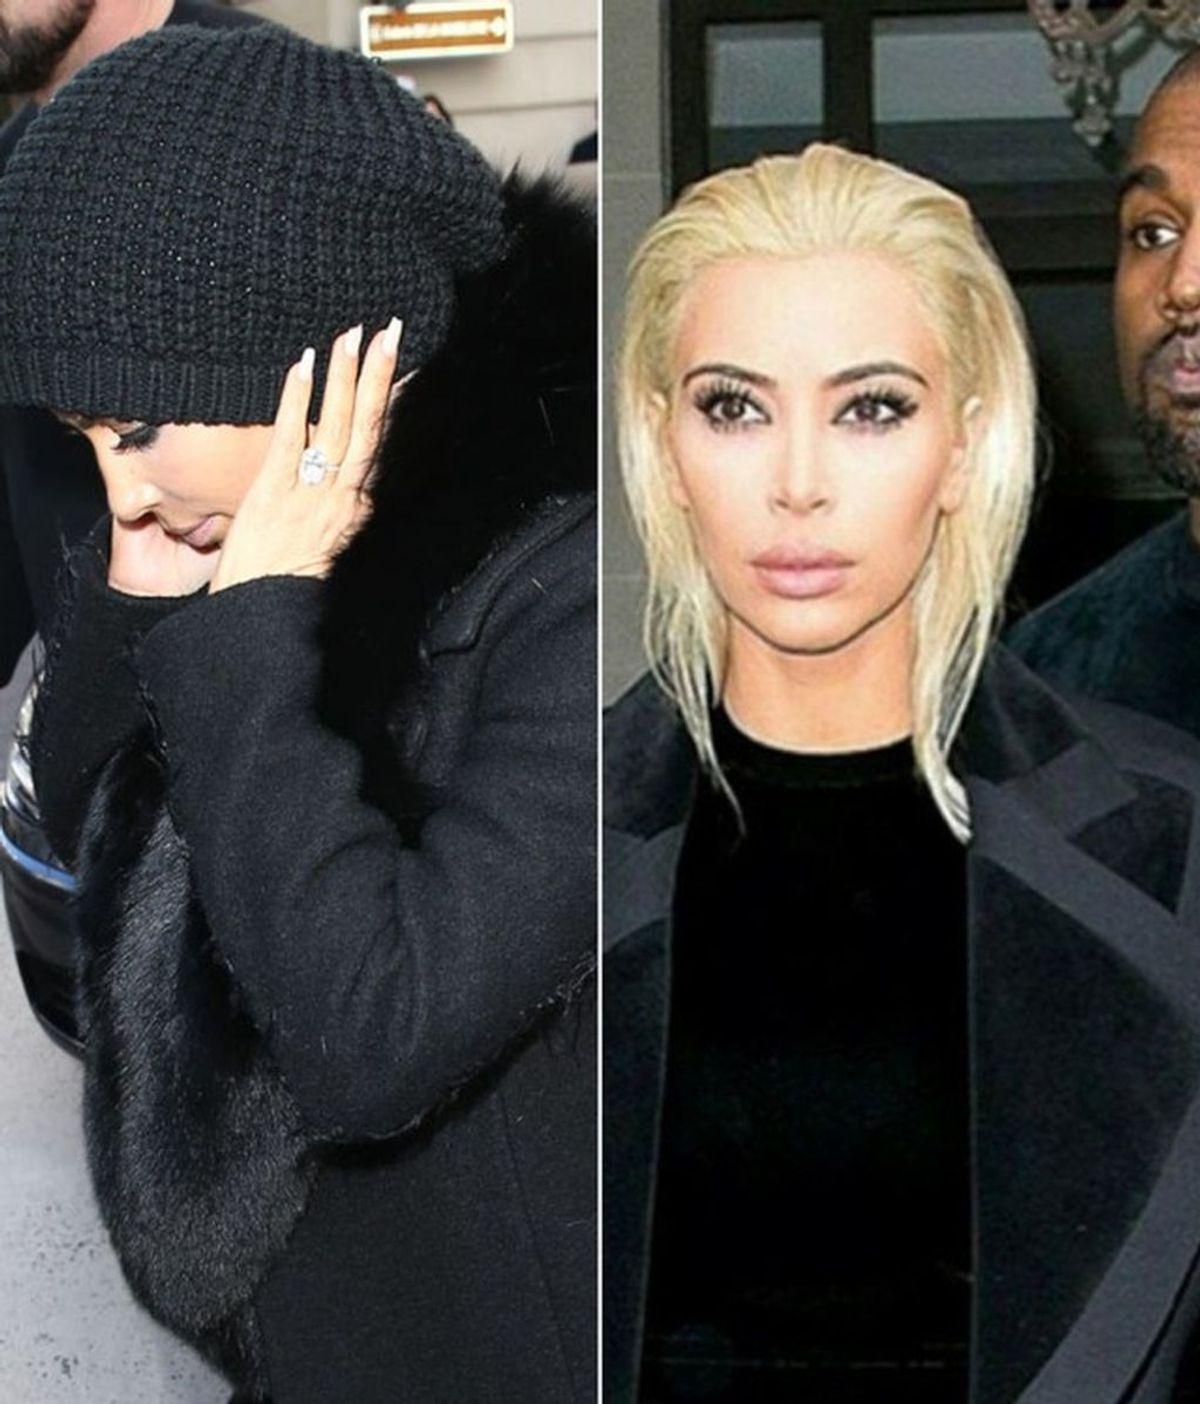 Kardashianadas: lo que ocultaba bajo ese gran gorro negro era... ¡su cabellera rubia!